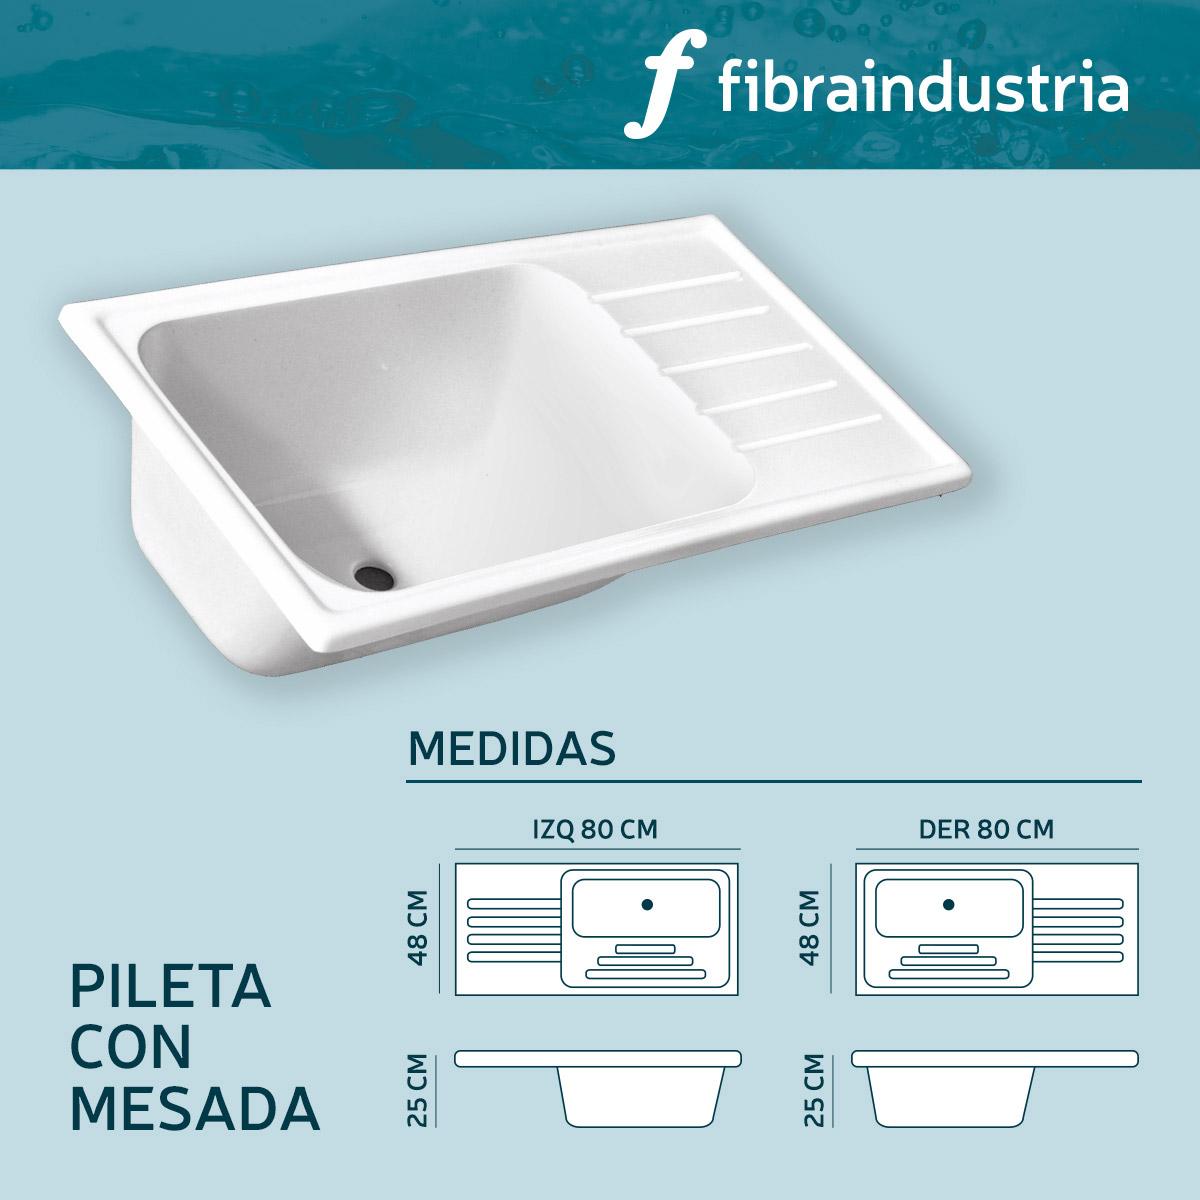 Pileta Marmol Sintetico 80 X 48 Con Mesada Derecha Fibraindustria